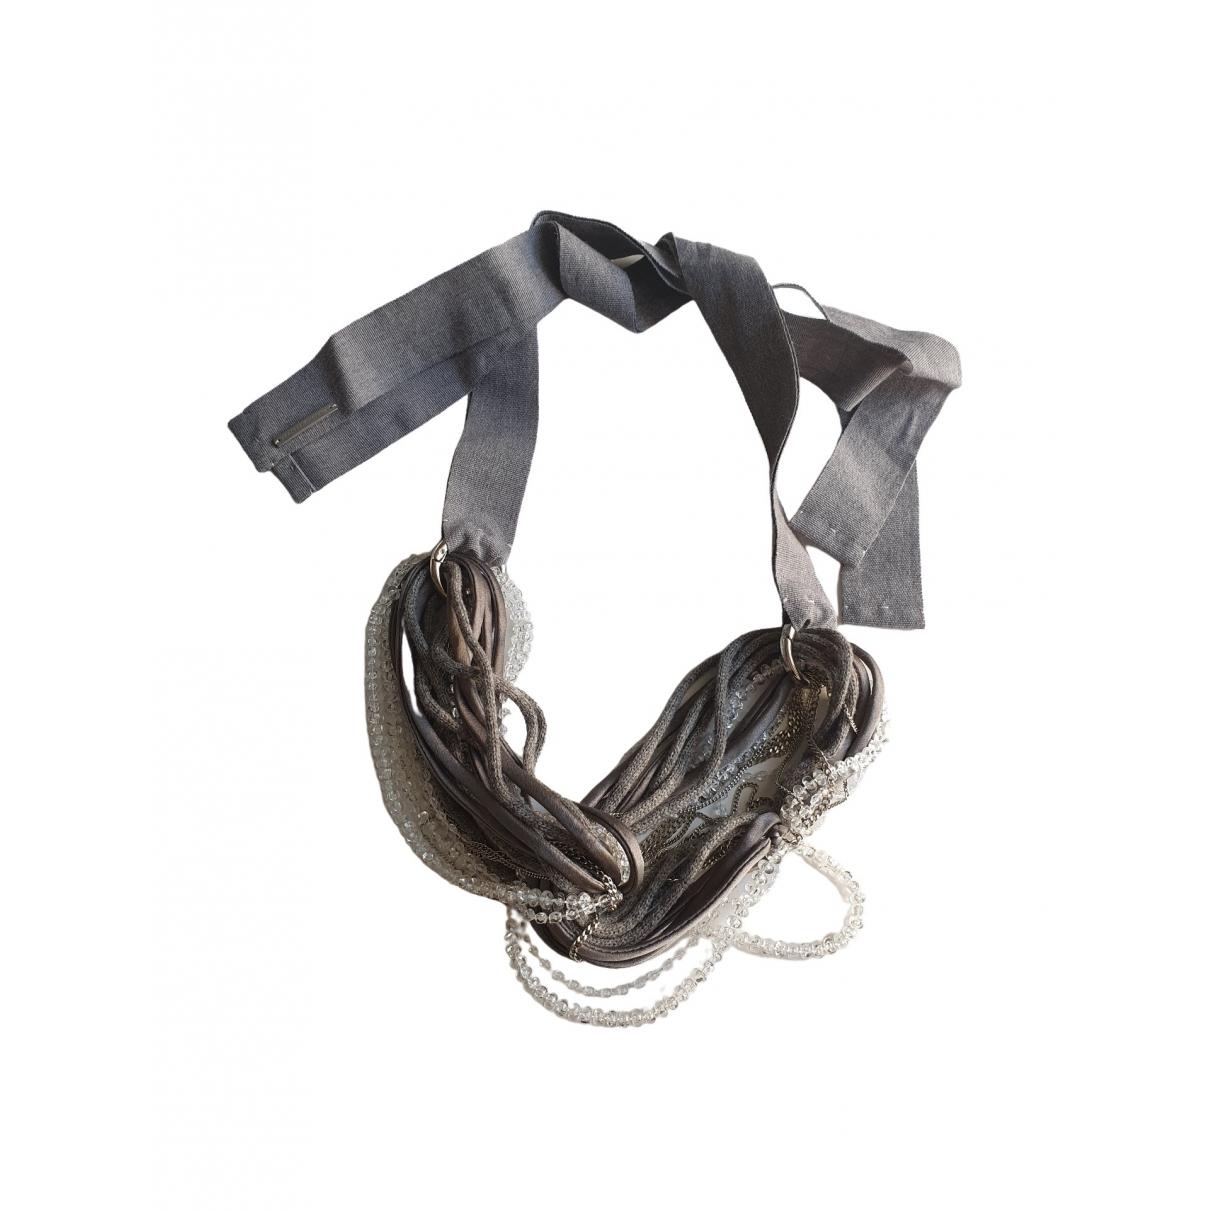 Fabiana Filippi \N Grey Crystal necklace for Women \N